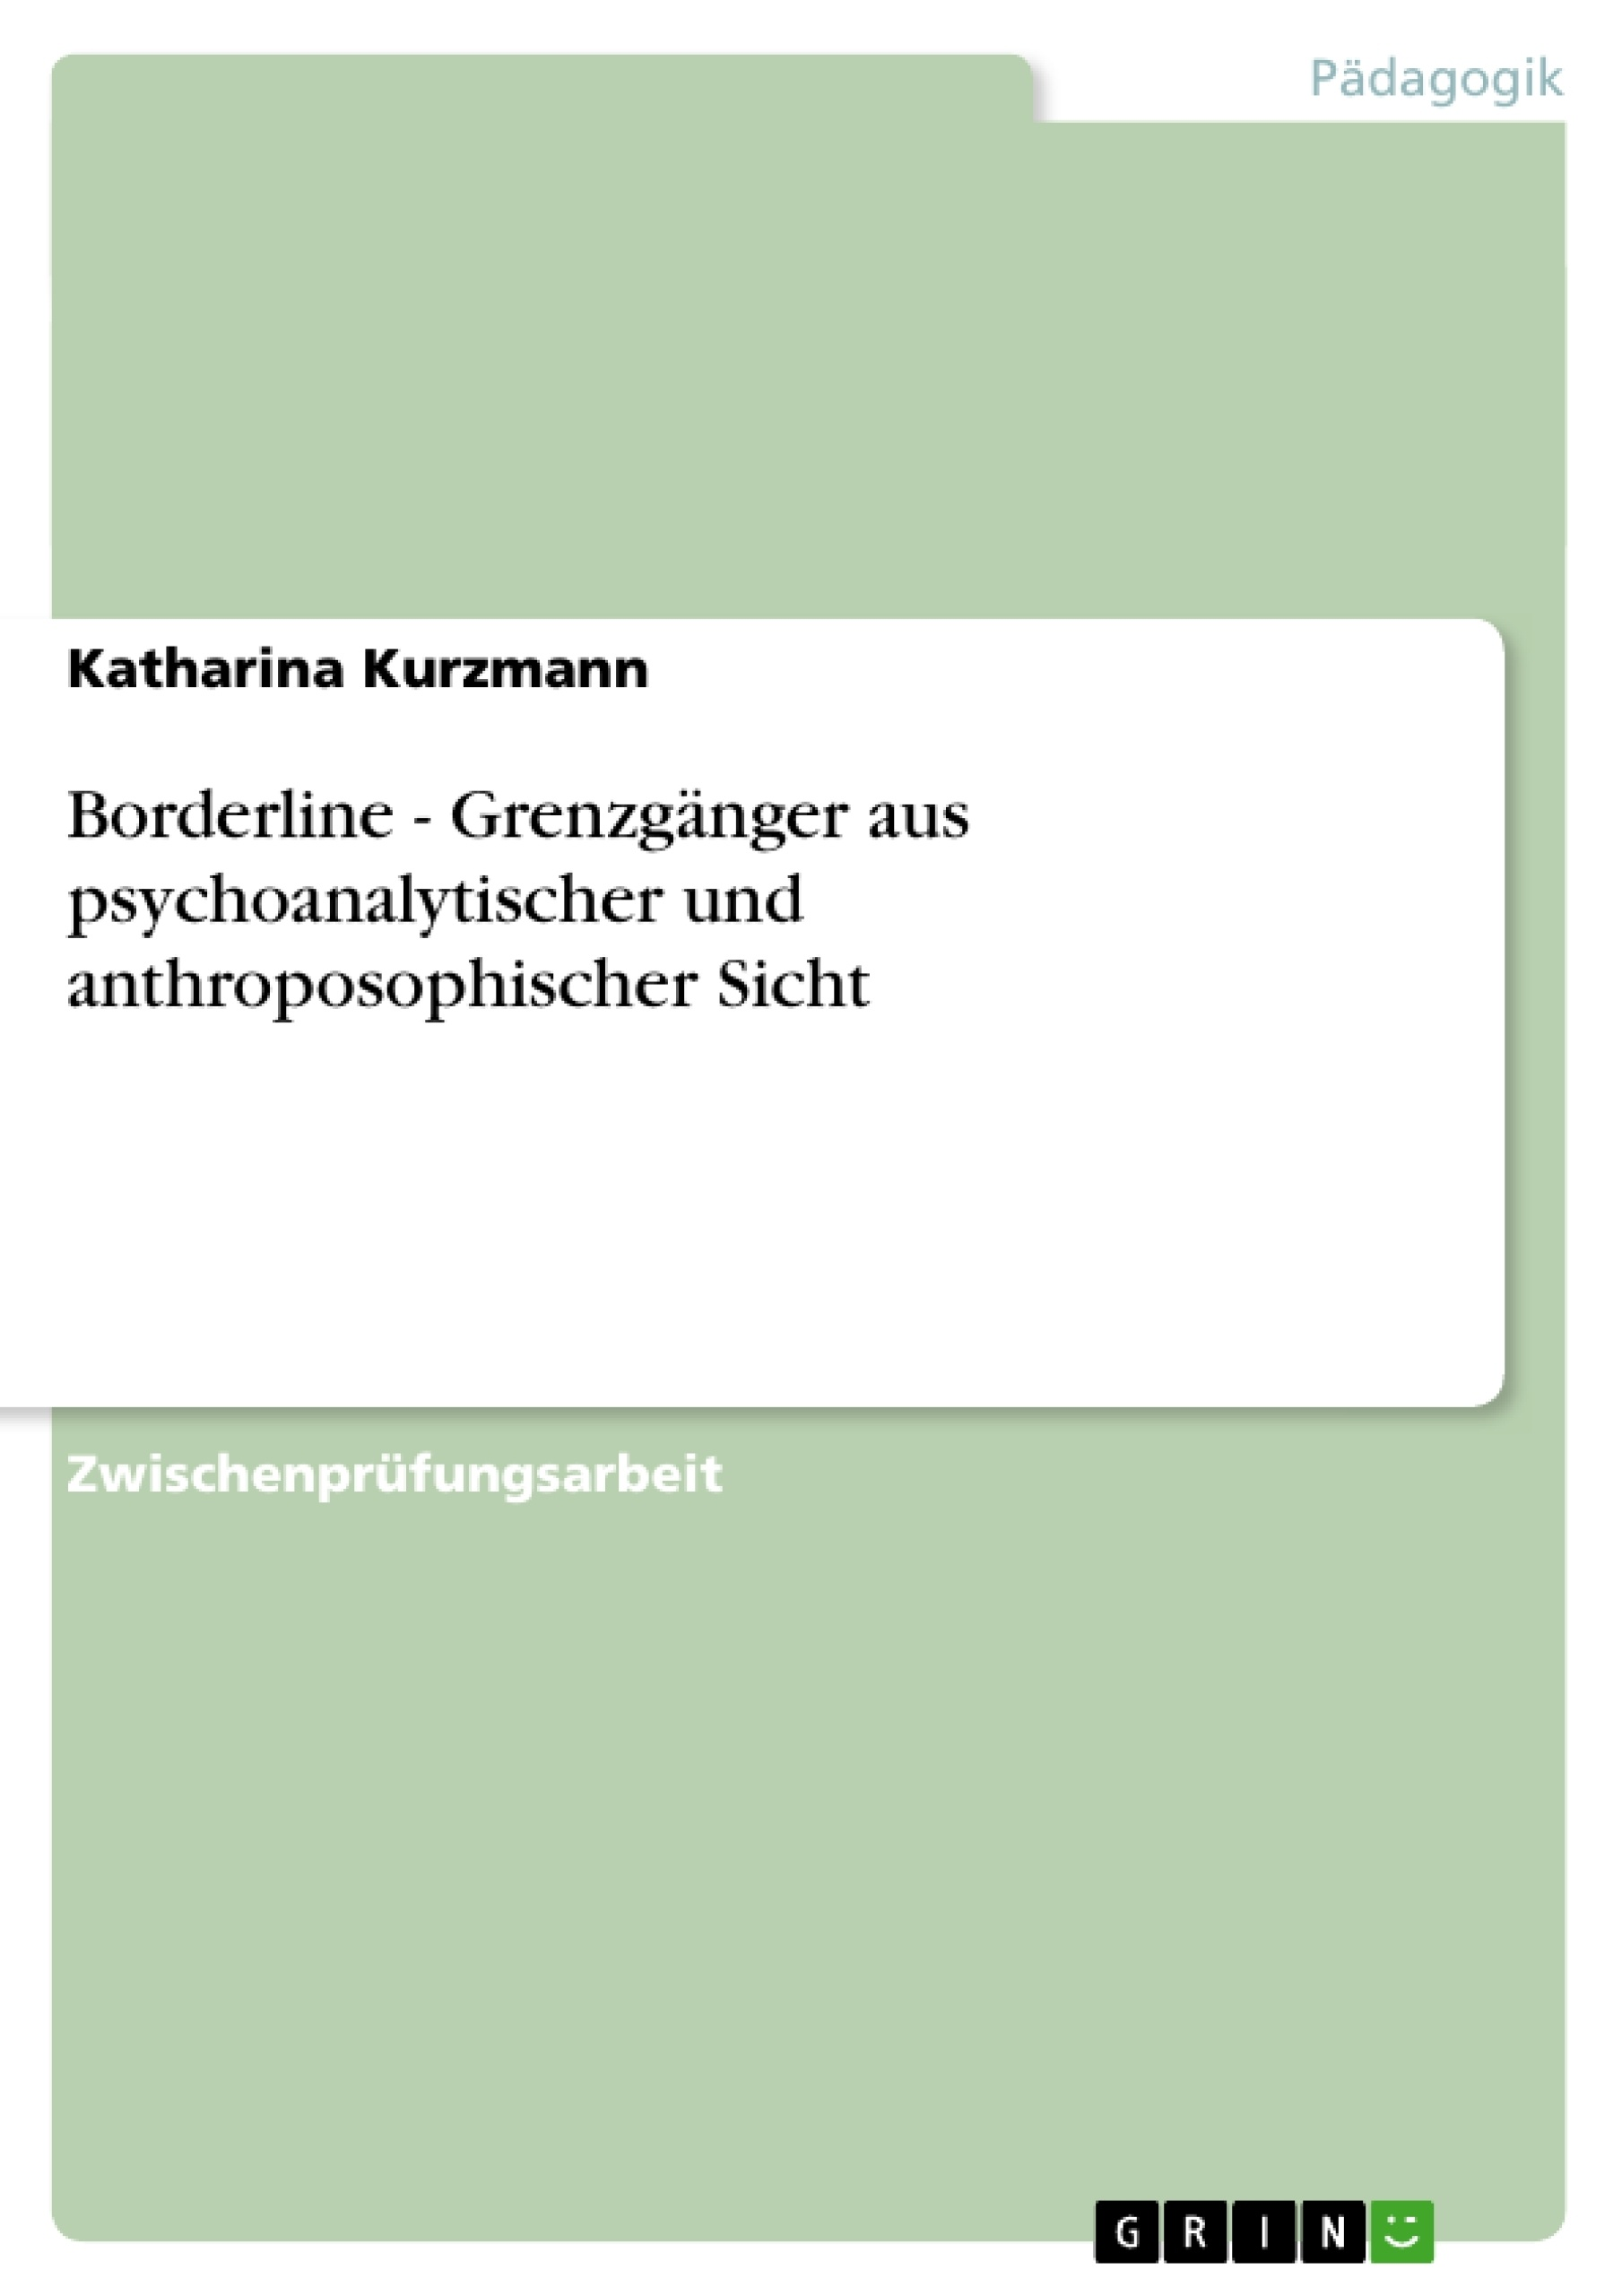 Titel: Borderline - Grenzgänger aus psychoanalytischer und anthroposophischer Sicht